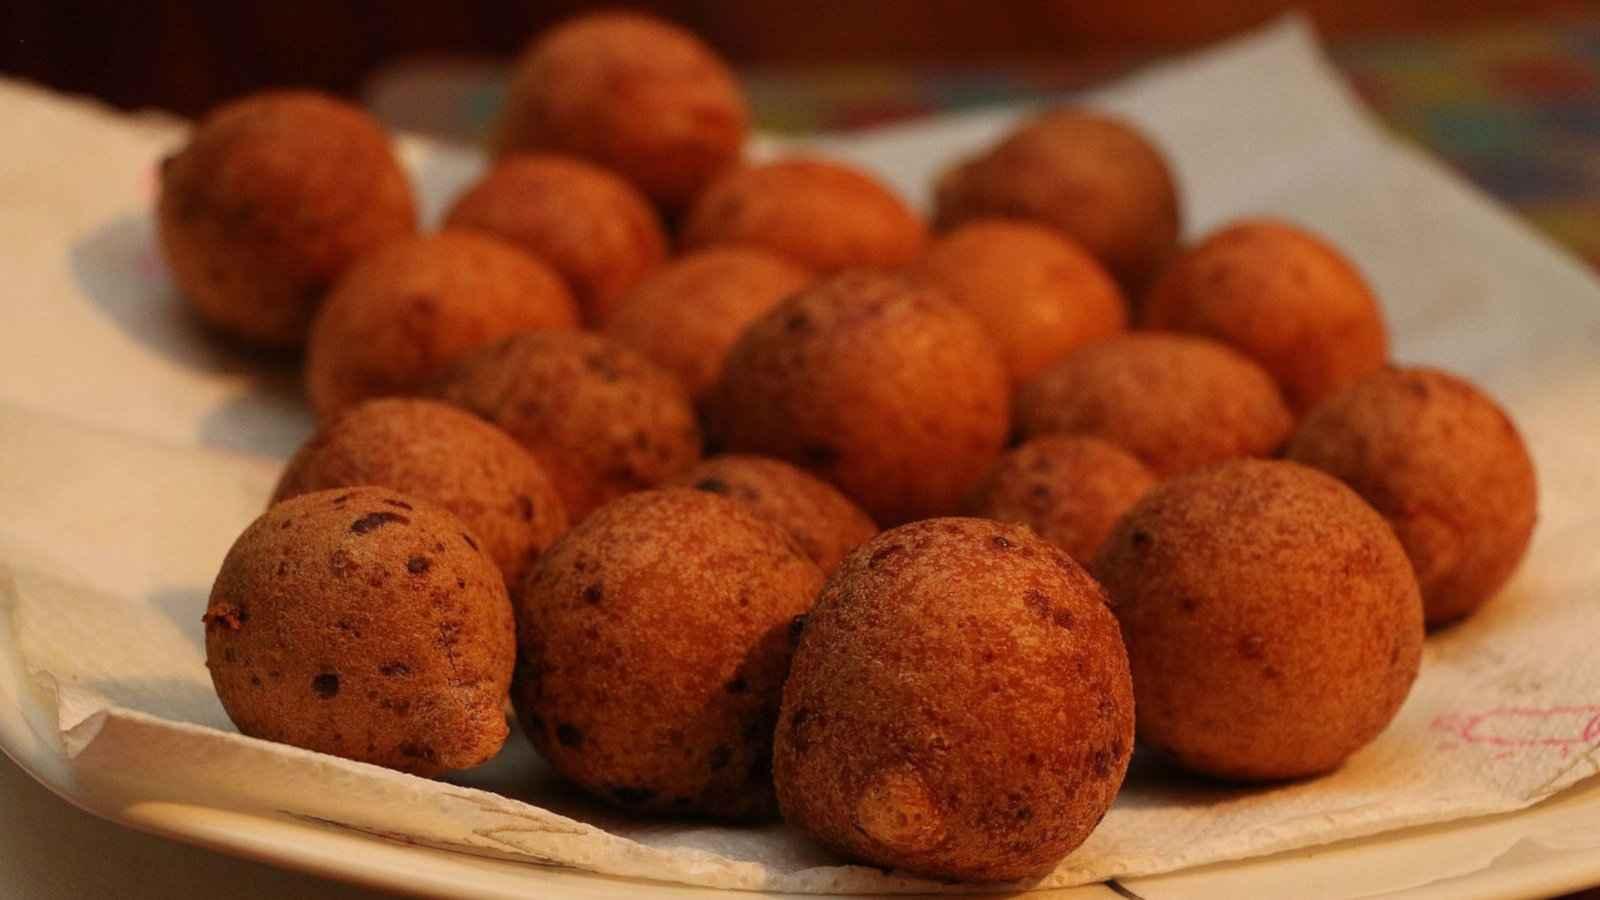 Bunuelos são uma deliciosa bola de queijo e açúcar da Colômbia que amamos